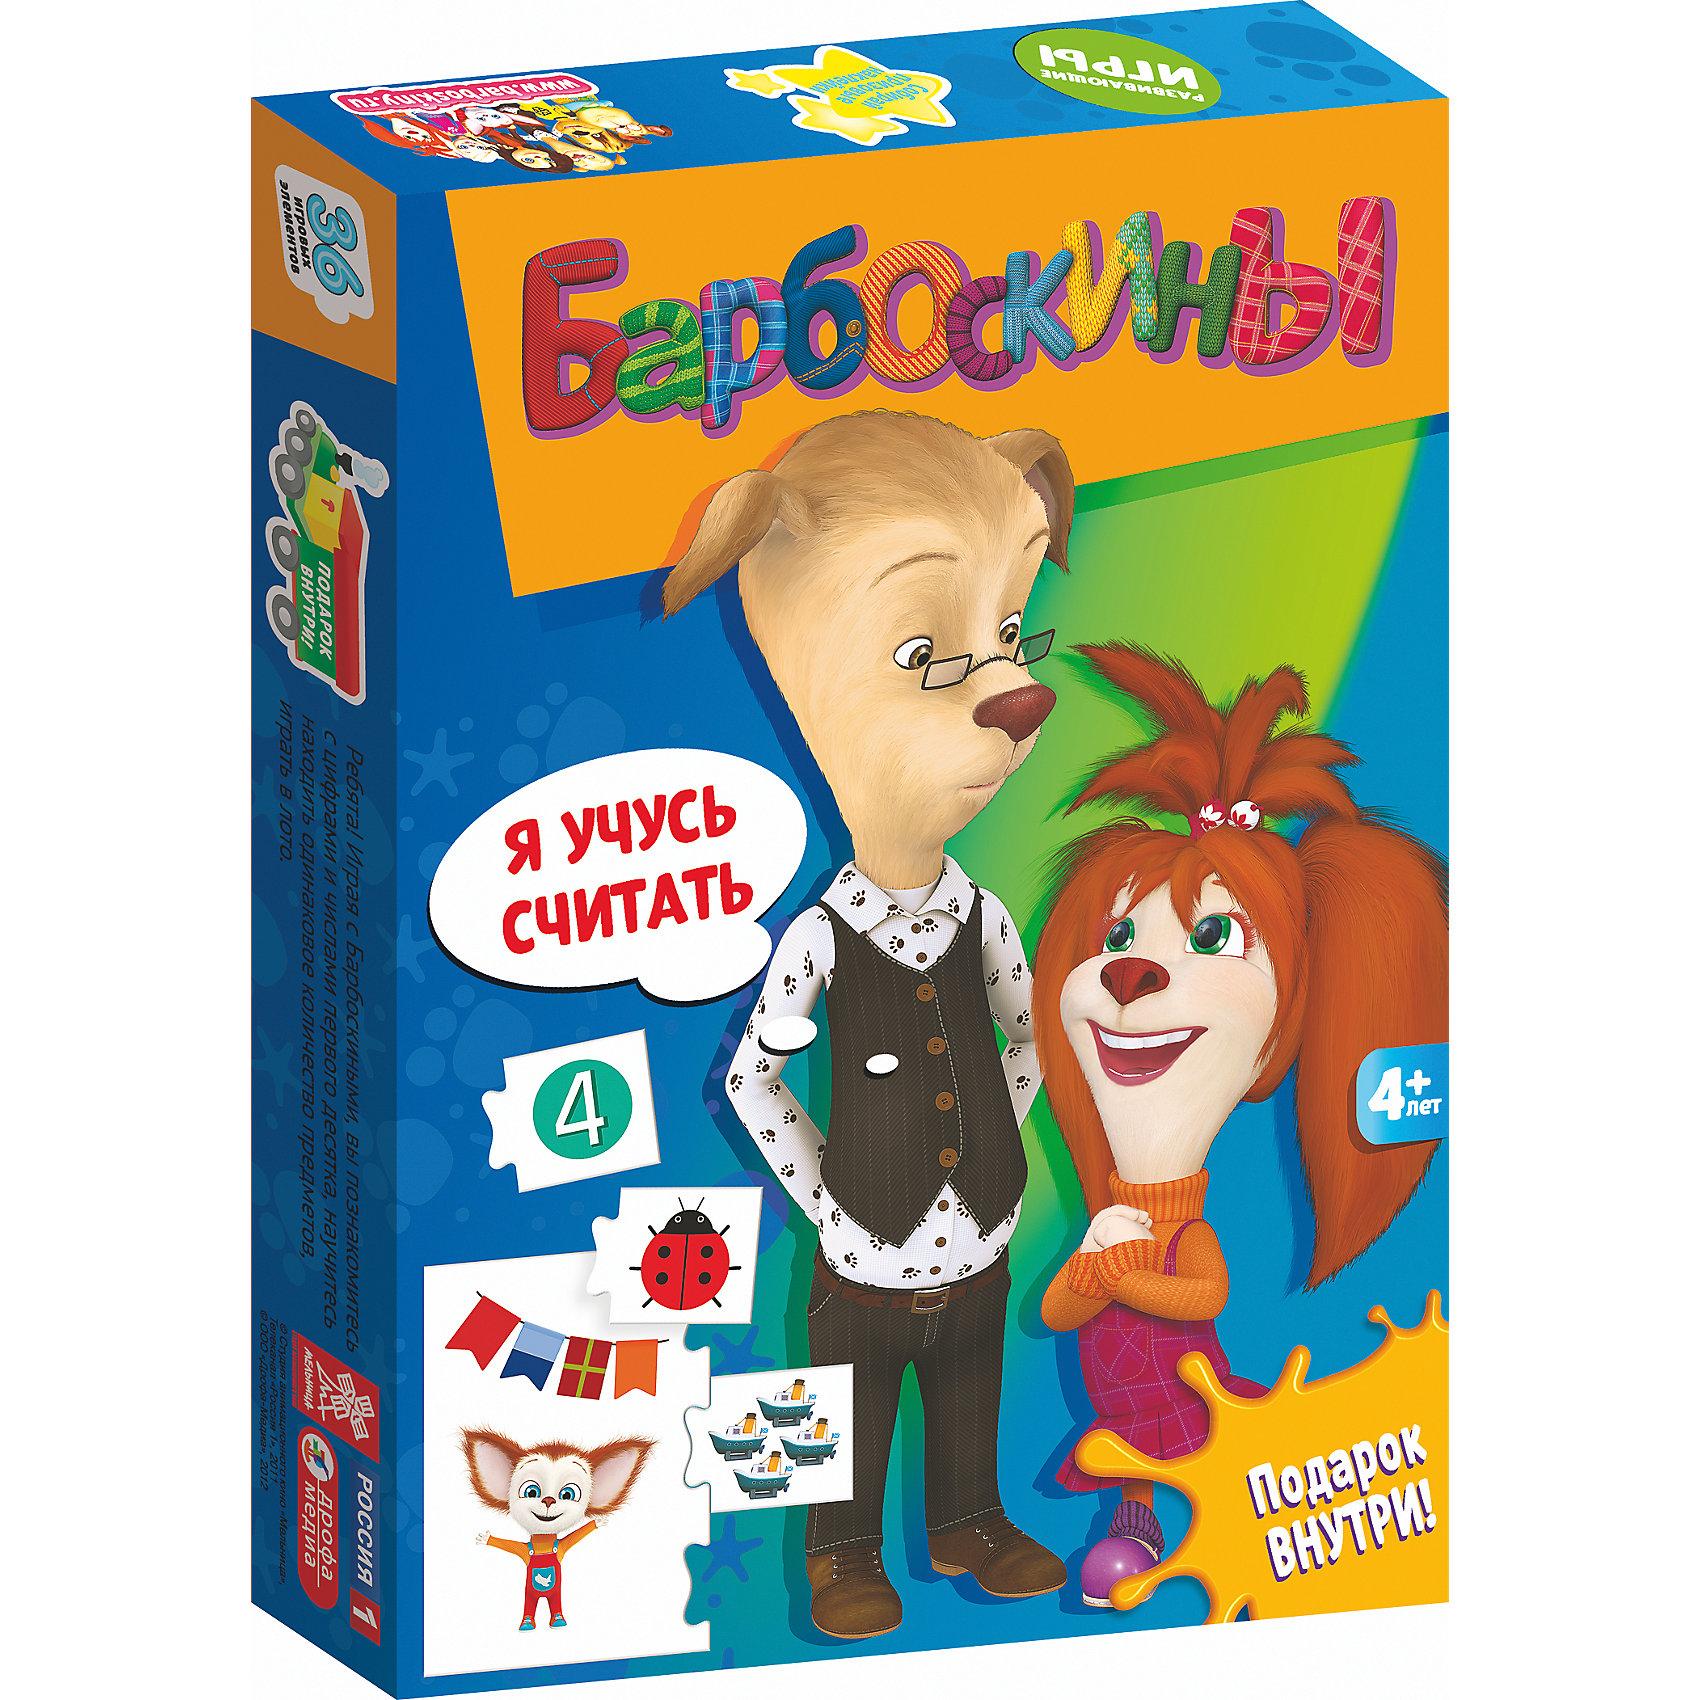 Карточная игра Барбоскины. МПИ. Я учусь считать, Дрофа-МедиаХарактеристики карточной игры Барбоскины. МПИ. Я учусь считать:<br><br>- возраст: от 4 лет<br>- герой:- Барбоскины<br>- пол: для мальчиков и девочек<br>- комплект: 9 игровых полей, 27 карточек, набор наклеек.<br>- материал: бумага, картон.<br>- размер упаковки:-28 * 19.5 * 3.5 см.<br>- упаковка:-картонная коробка.<br>- бренд: Дрофа-Медиа<br>- страна обладатель бренда: Россия.<br><br>Эта игра, представленная торговой маркой Дрофа-Медиа, будет интересна как четырехлетним, так и детям постарше, тем, кто уже собирается идти в школу. В комплект входят девять игровых полей и двадцать семь карточек, соединяющихся с полями при помощи пазловых замков. Выполняя предложенные задания, ребенок научится считать и делать логические выводы. А любимые герои из мультфильма Барбоскины в виде наклеек сделают обучение еще интересней.<br><br>Карточную игру Барбоскины. МПИ. Я учусь считать издательства Дрофа-Медиа можно купить в нашем интернет-магазине.<br><br>Ширина мм: 280<br>Глубина мм: 35<br>Высота мм: 200<br>Вес г: 220<br>Возраст от месяцев: 48<br>Возраст до месяцев: 2147483647<br>Пол: Унисекс<br>Возраст: Детский<br>SKU: 5386273